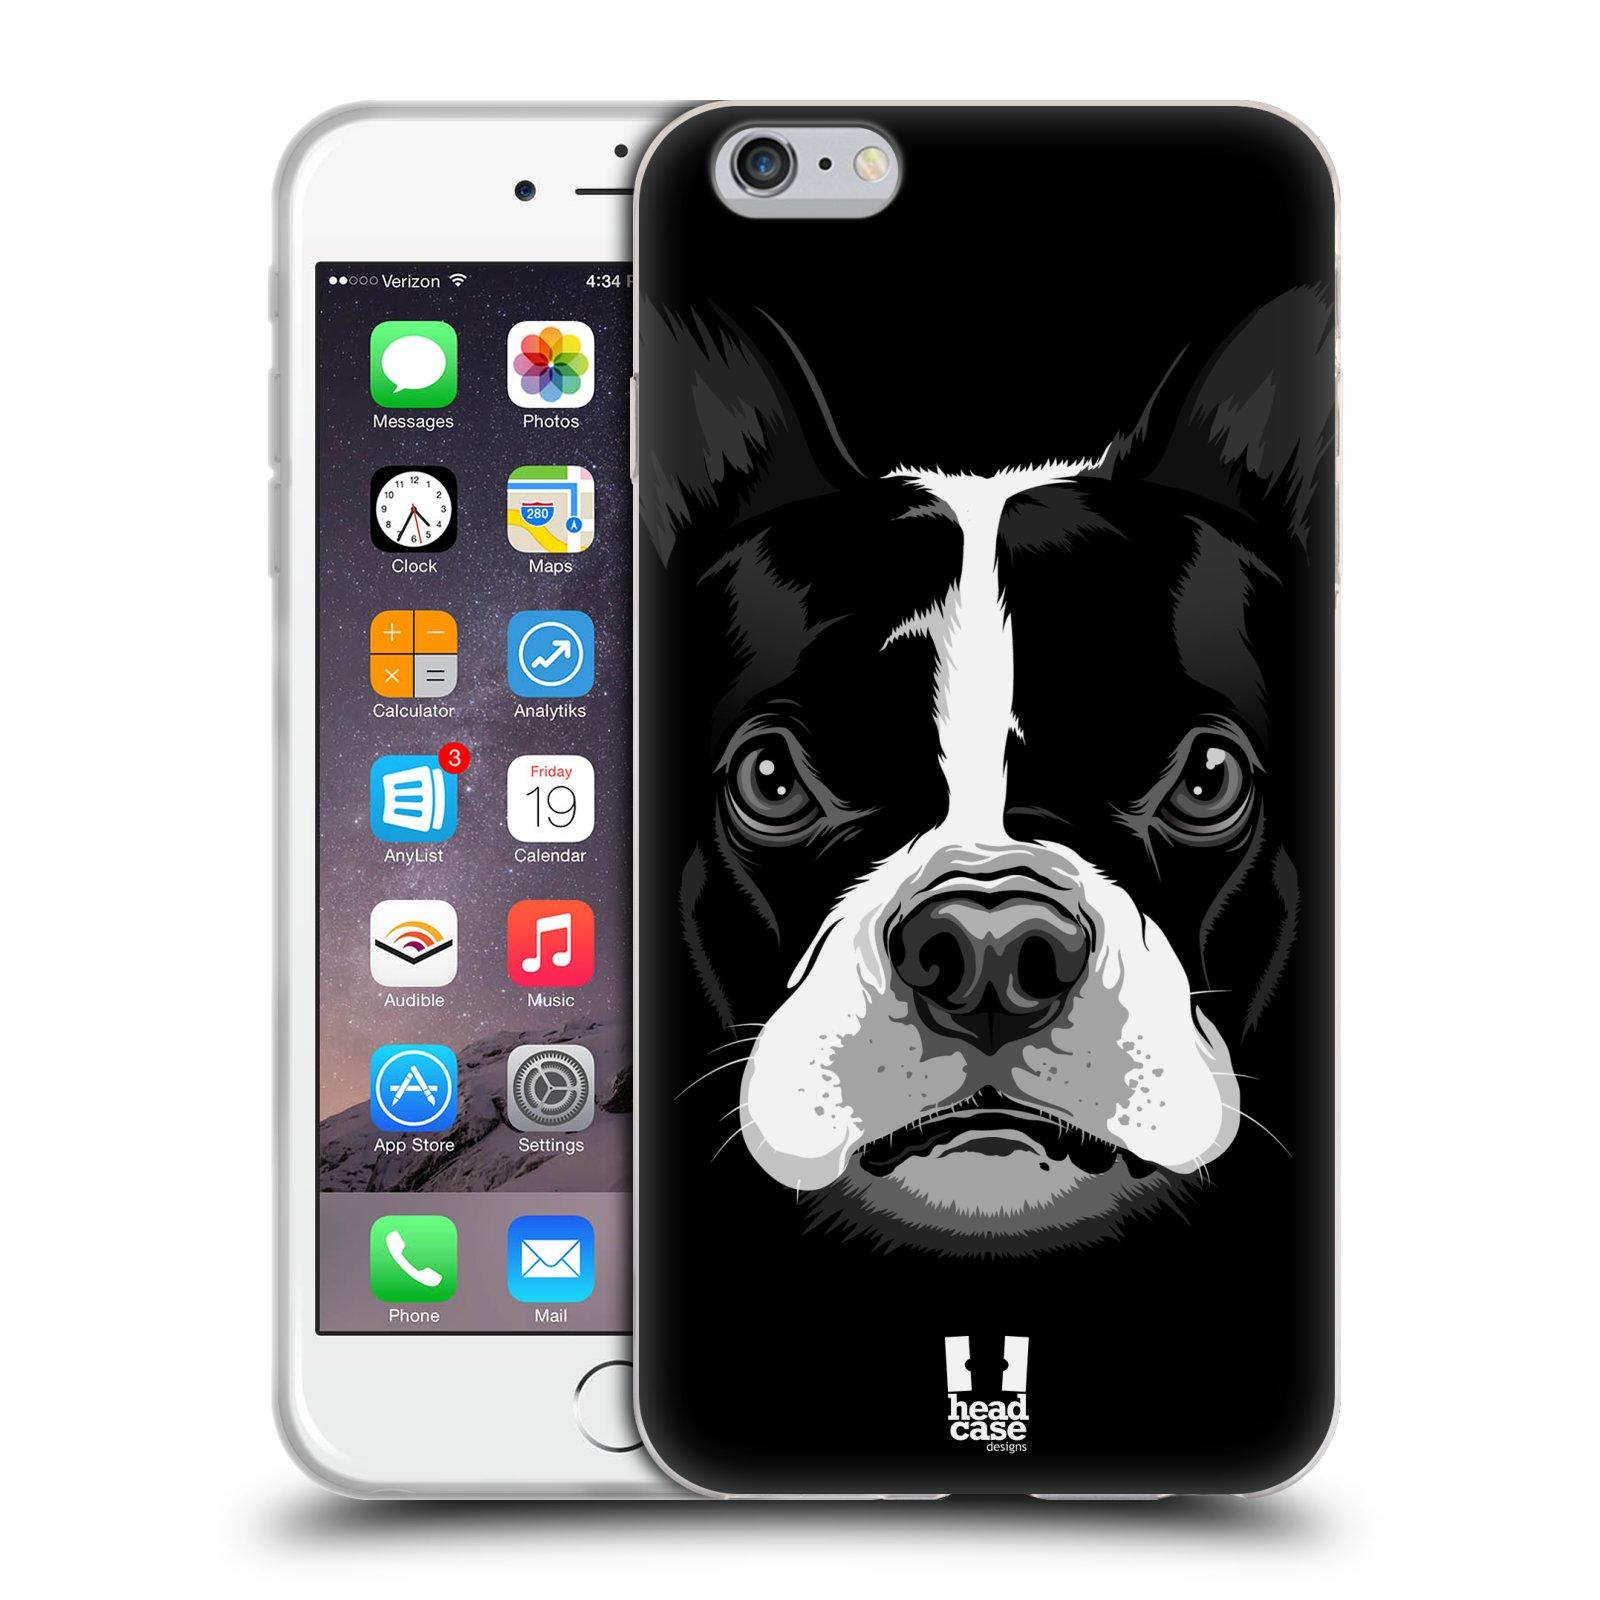 HEAD CASE silikonový obal na mobil Apple Iphone 6 PLUS/ 6S PLUS vzor Zvíře kreslená tvář 2 buldok